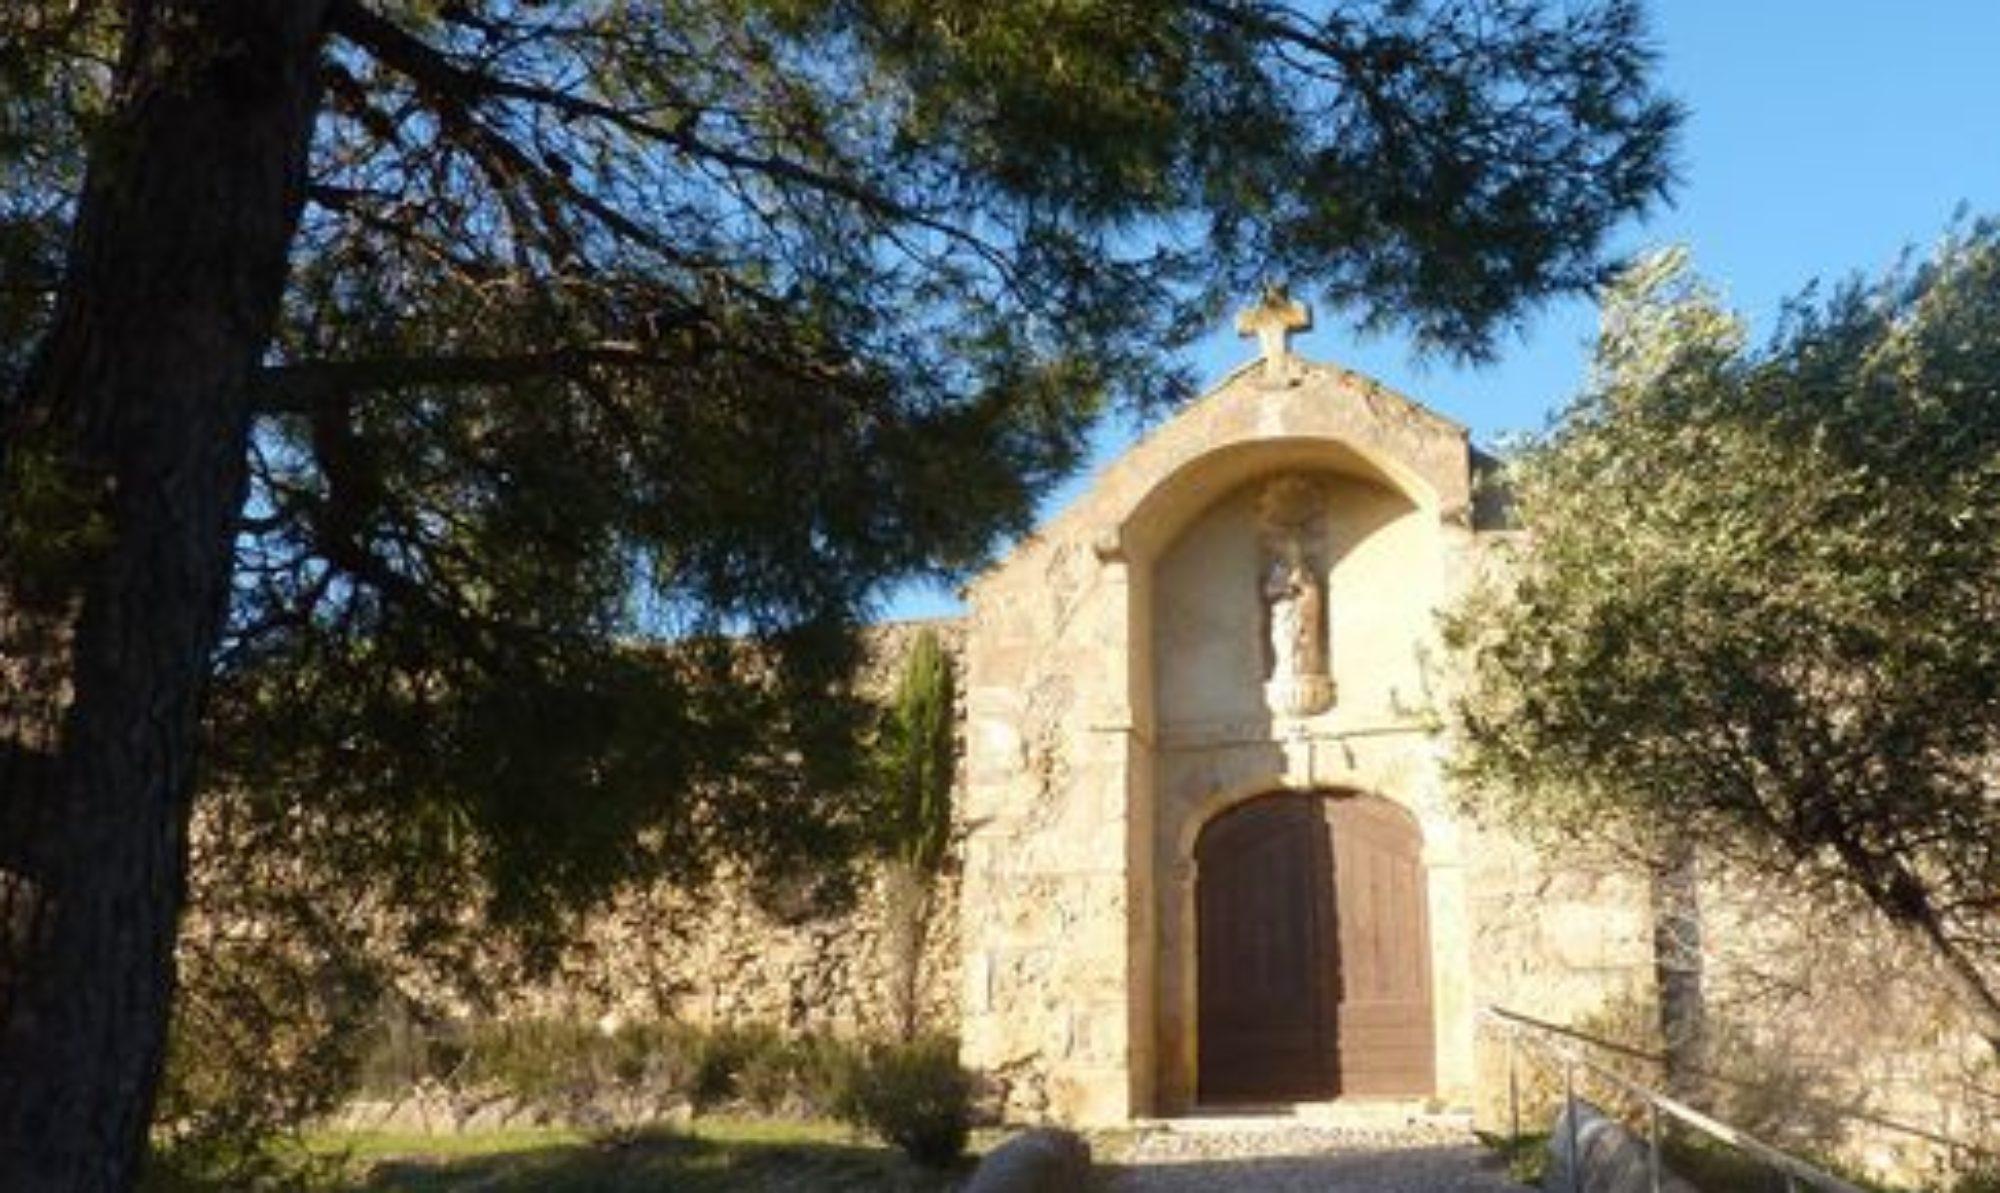 La maison Tallavigne Mistral